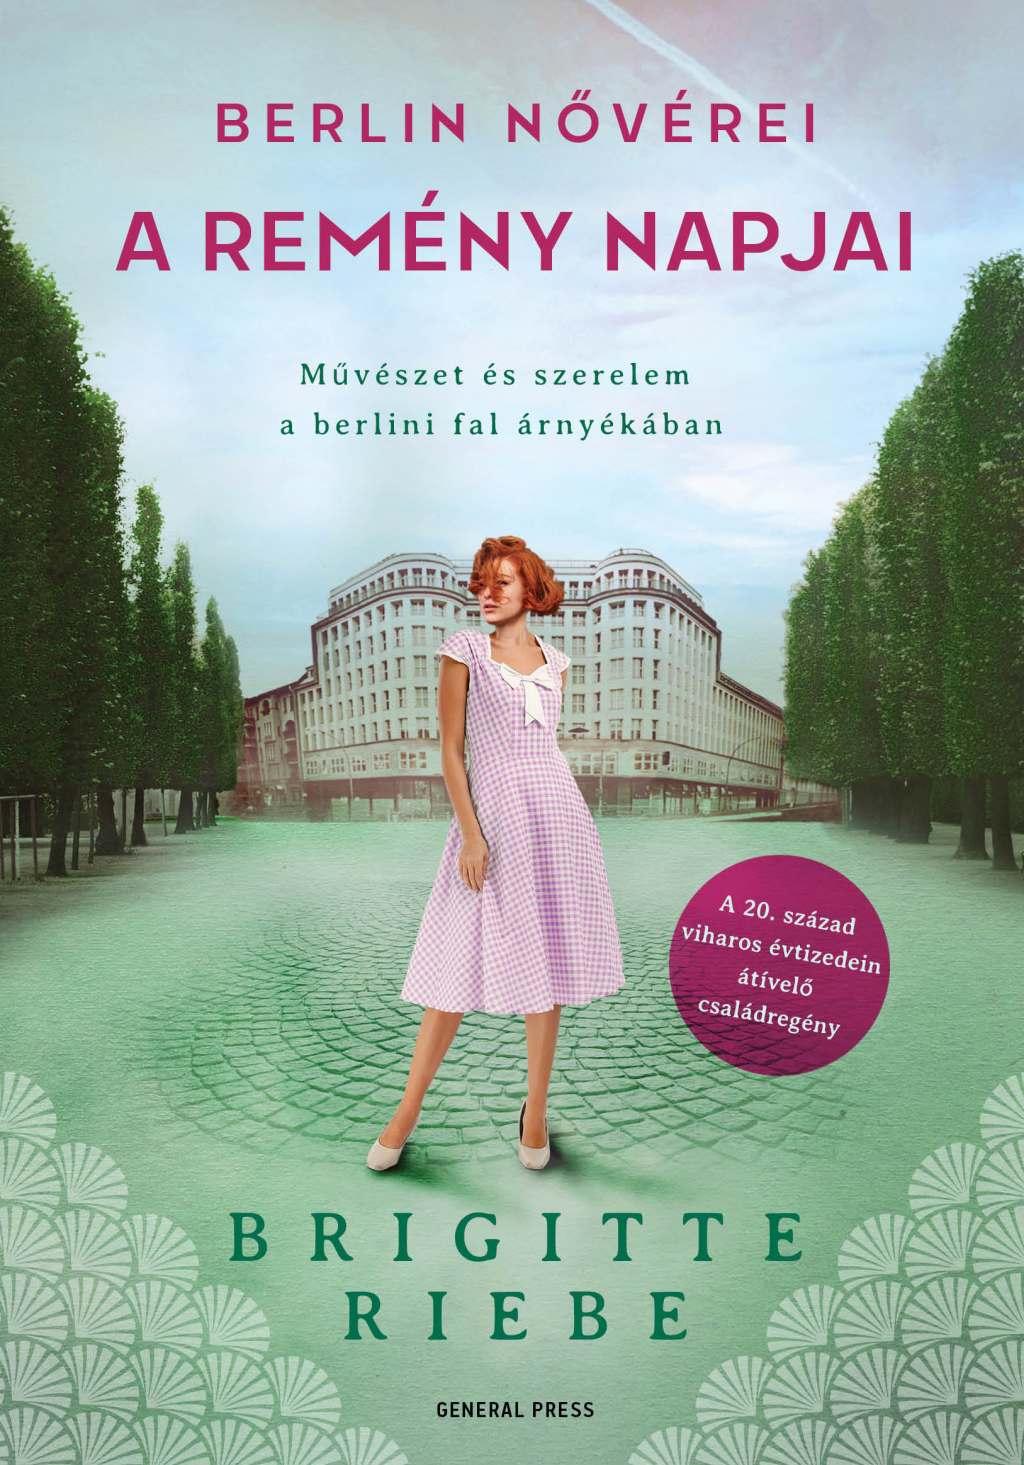 Brigitte Riebe - A remény napjai -- Berlin nővérei 3.